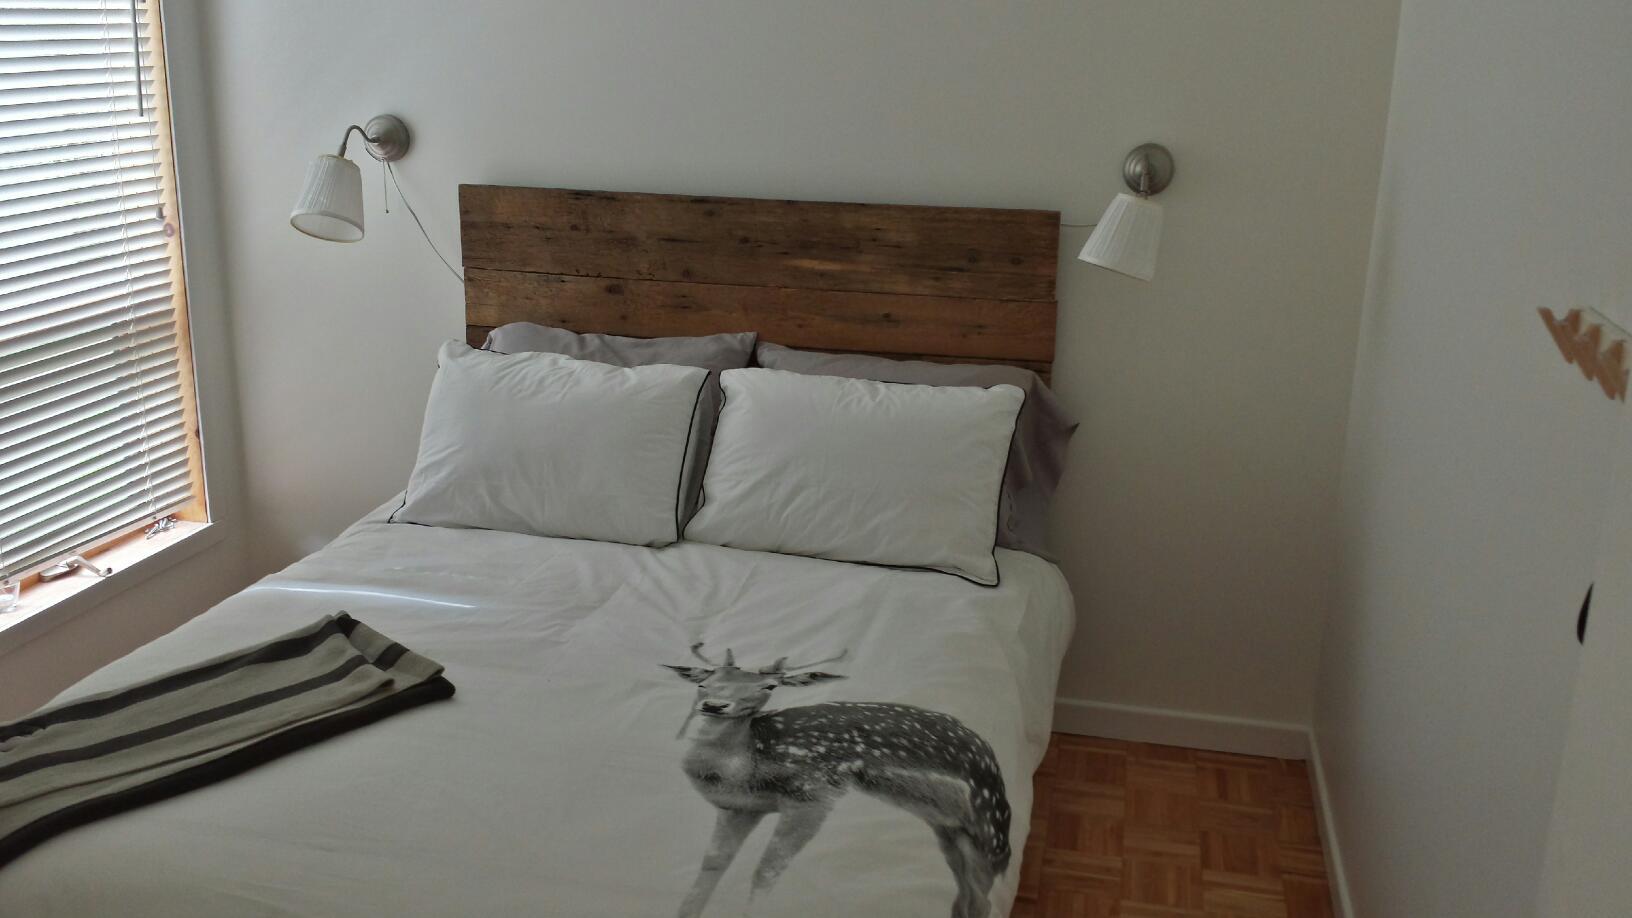 dc2bb9. Black Bedroom Furniture Sets. Home Design Ideas